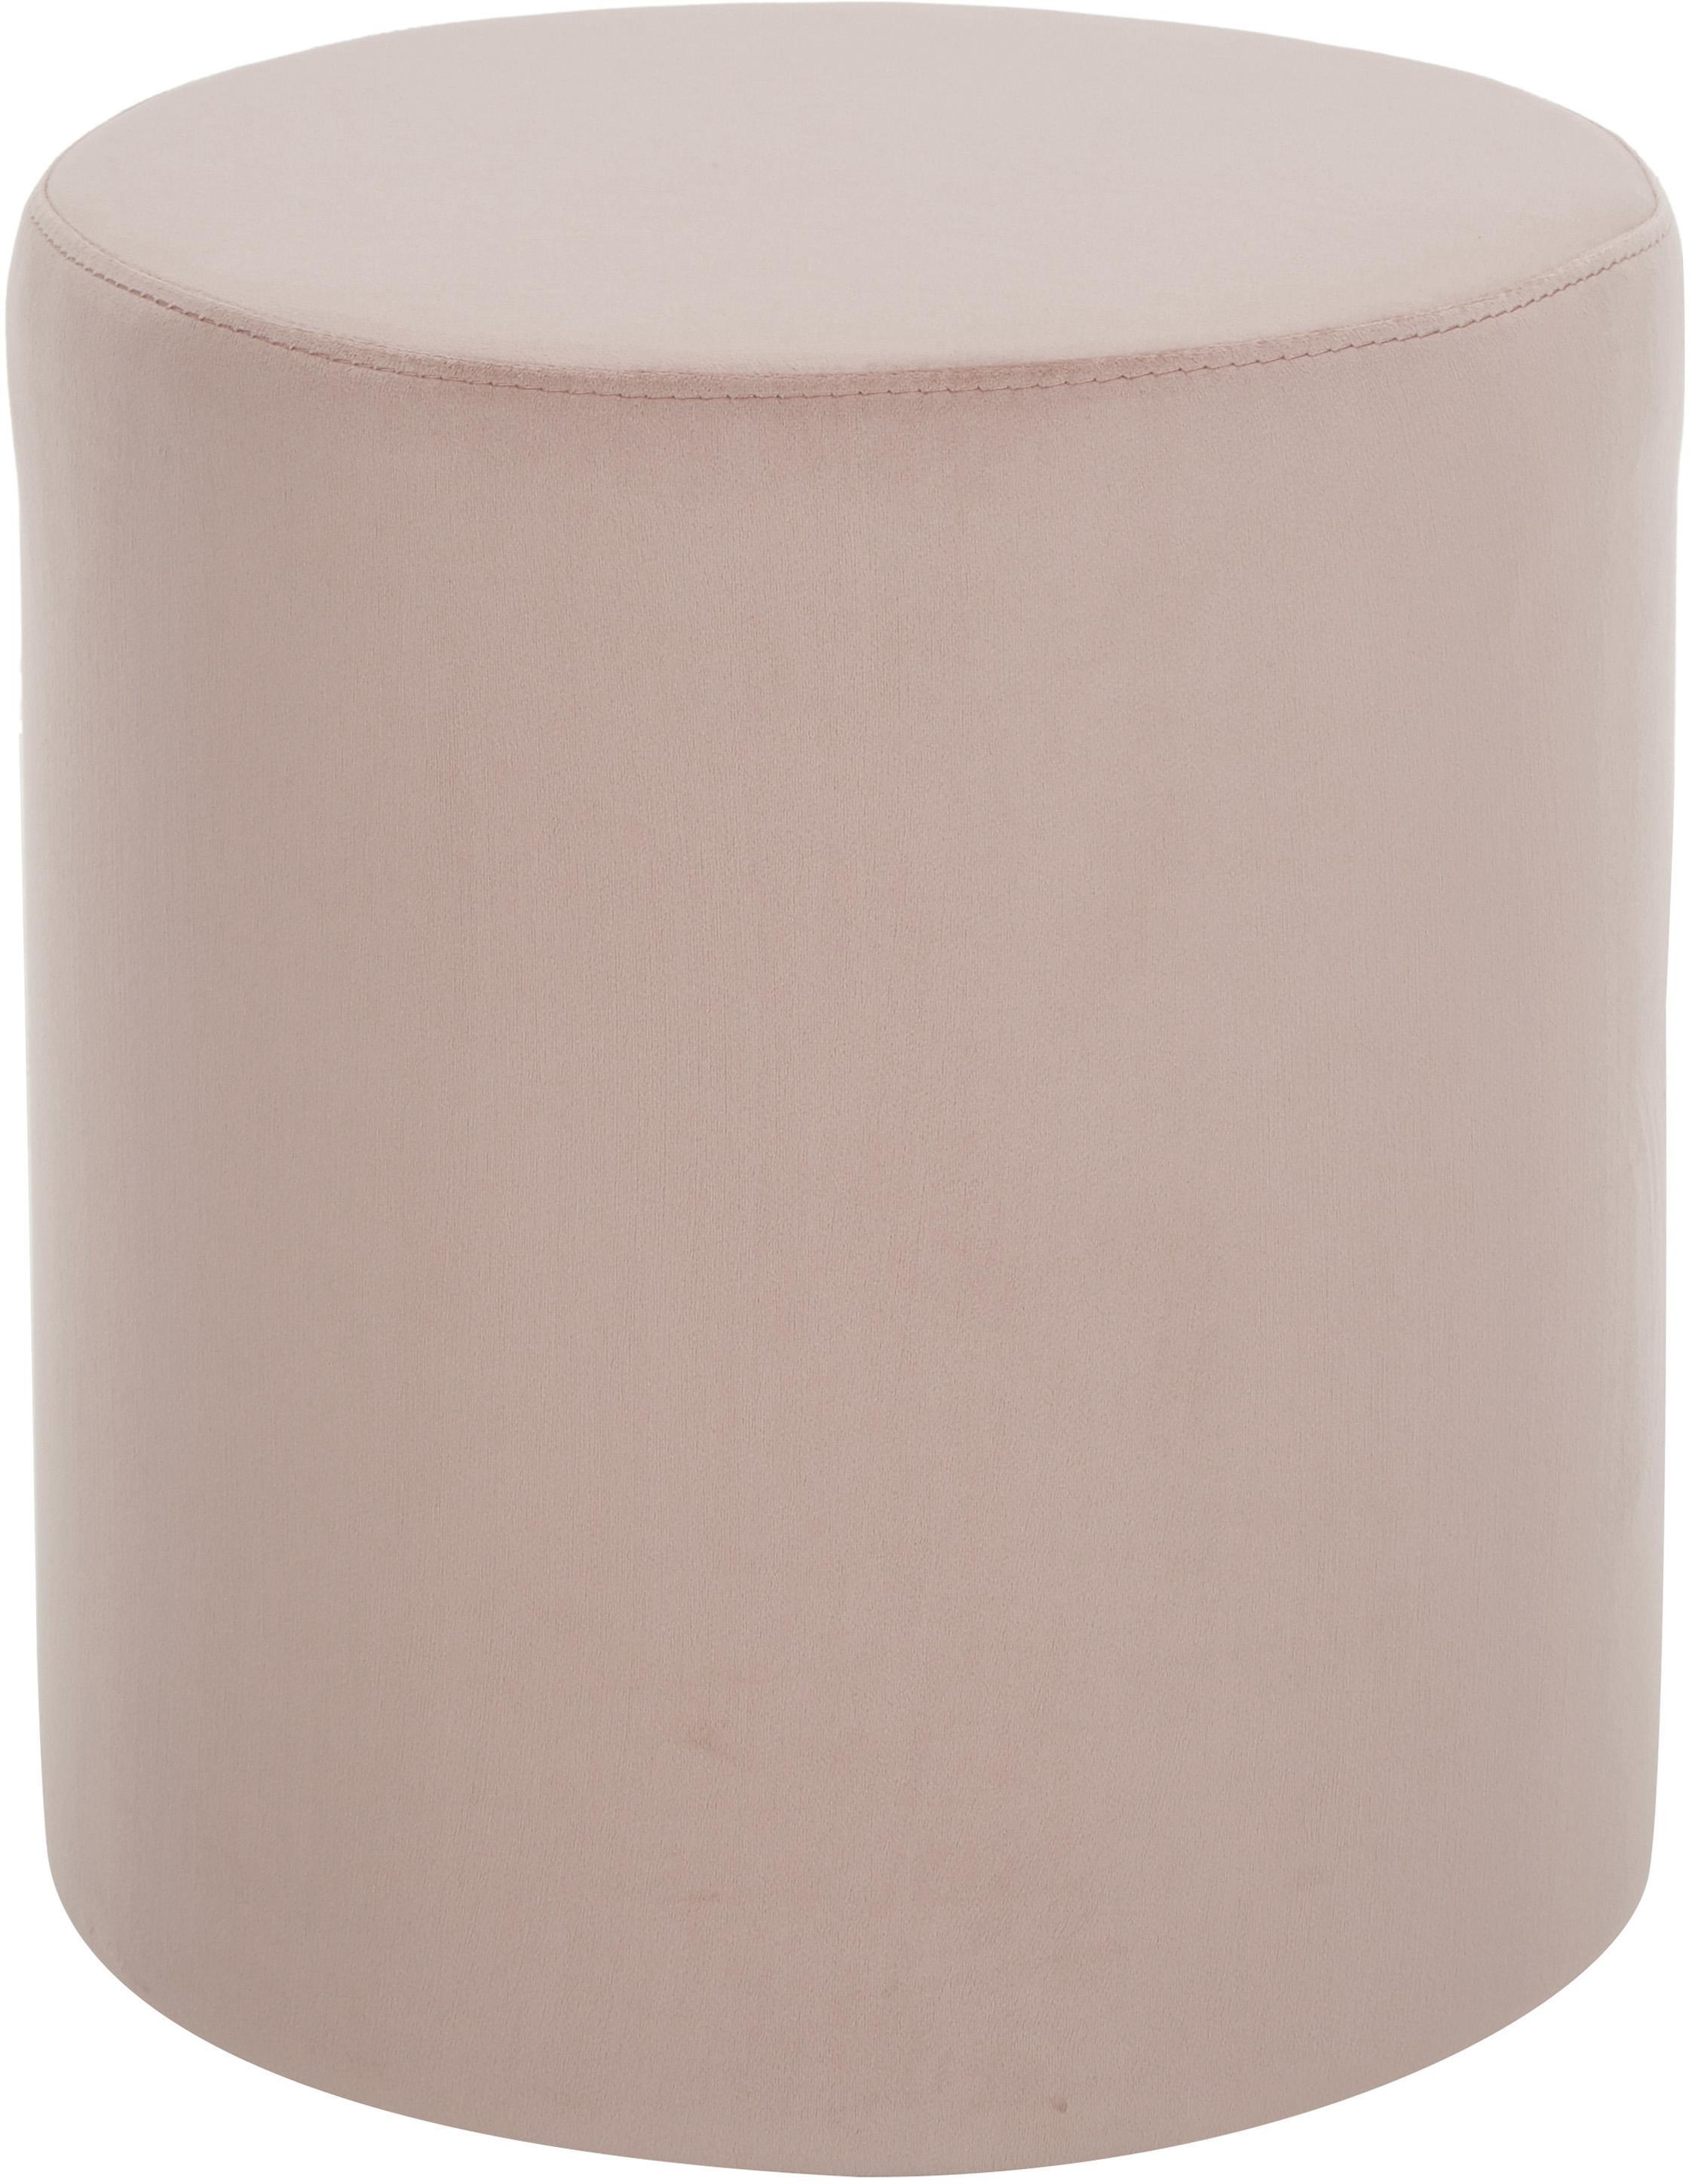 Puf z aksamitu Daisy, Tapicerka: aksamit (poliester) Dzięk, Aksamitny blady różowy, ∅ 38 x W 45 cm